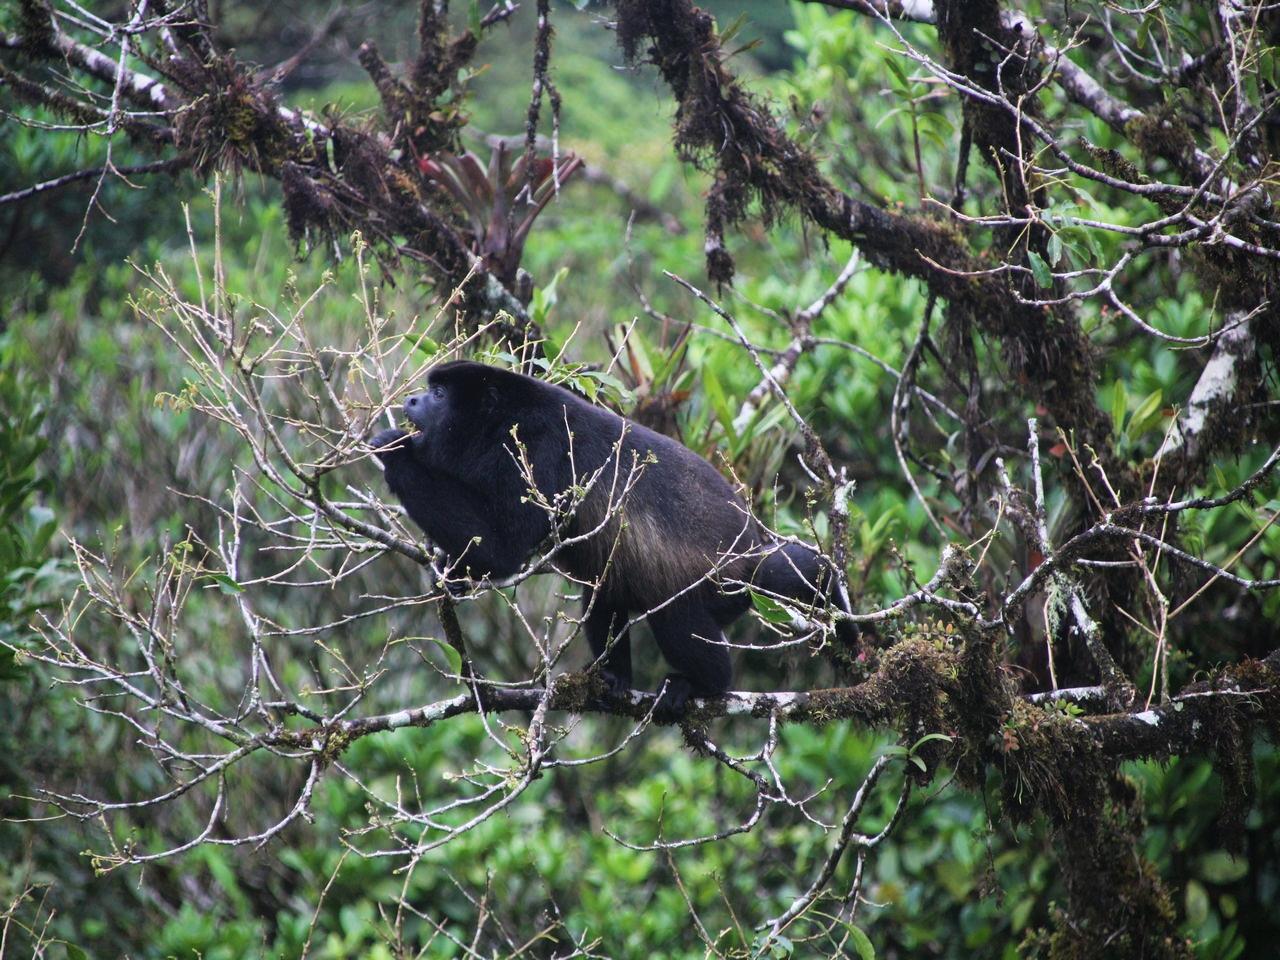 Ver monos aulladores es un plan que hacer en Monteverde sí o sí.